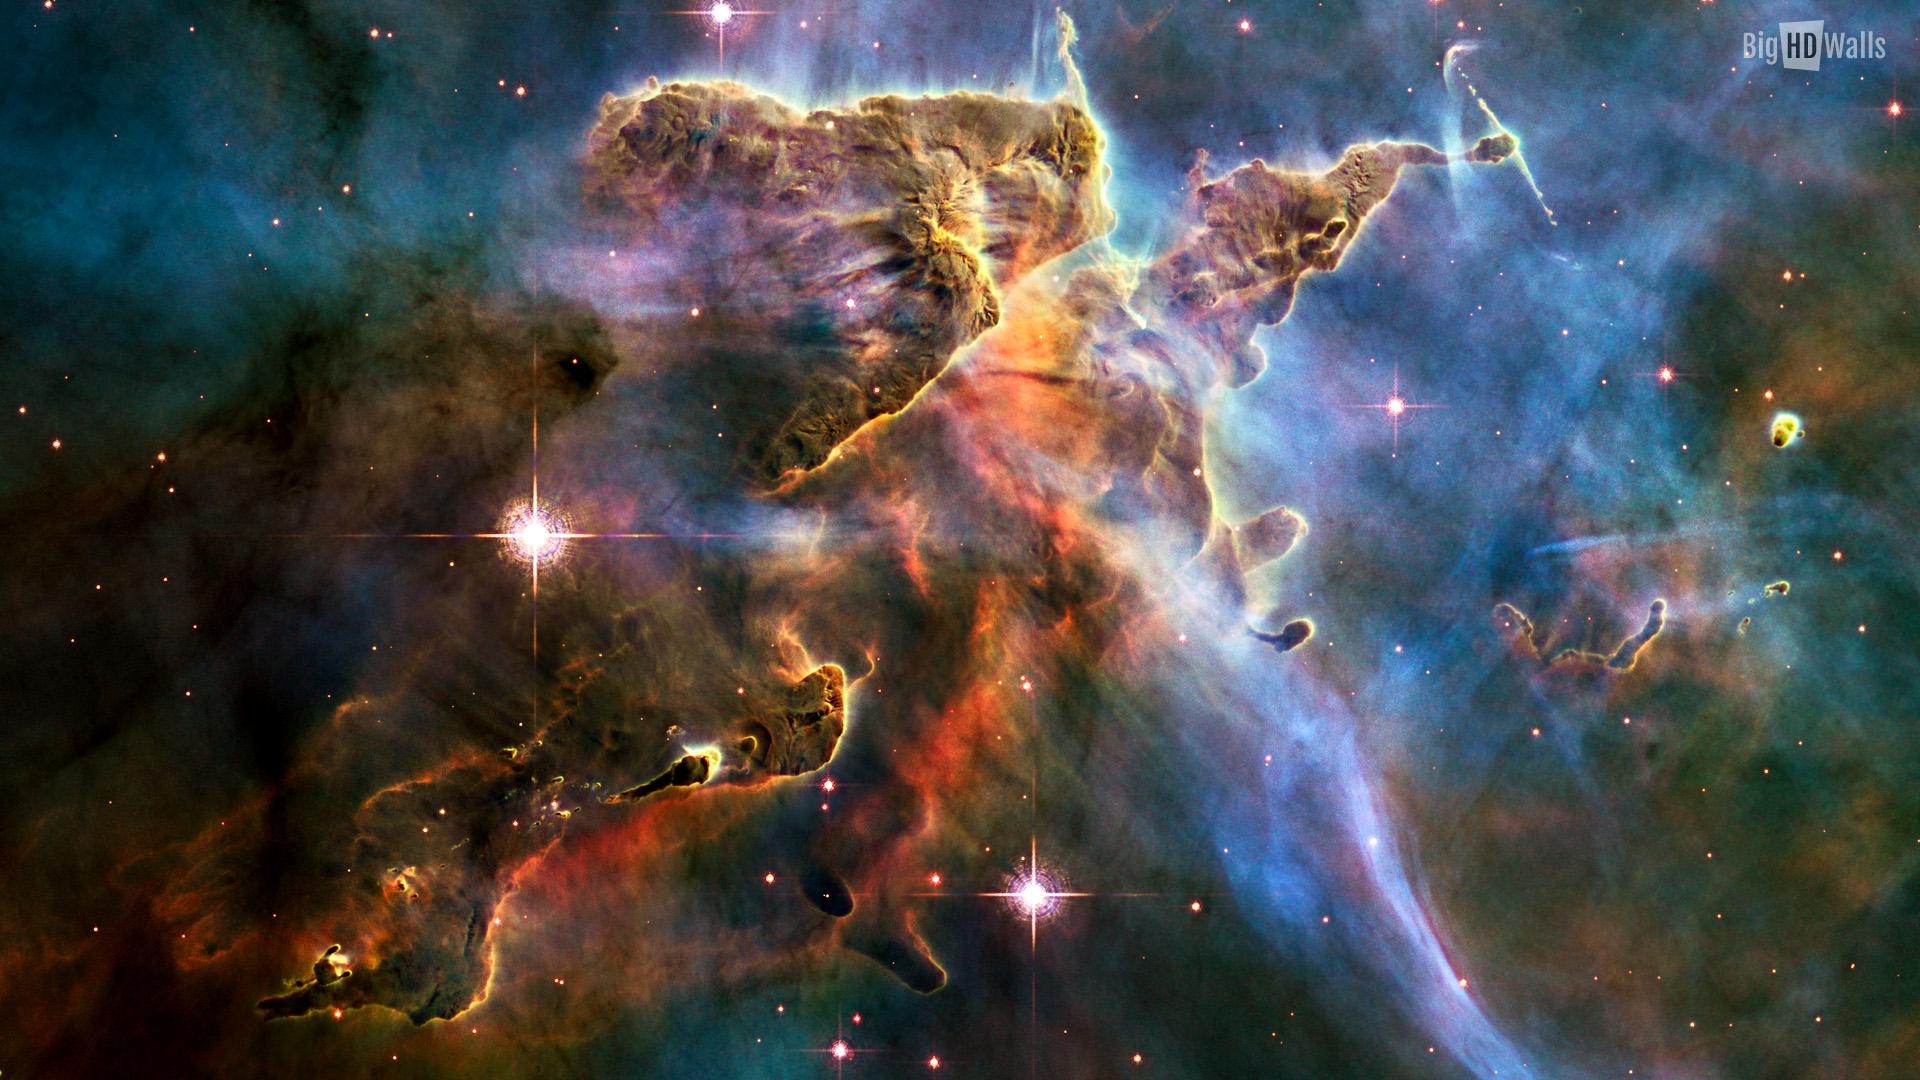 quakes hdwallpaper com Carina-Nebula-hd-wallpaper009